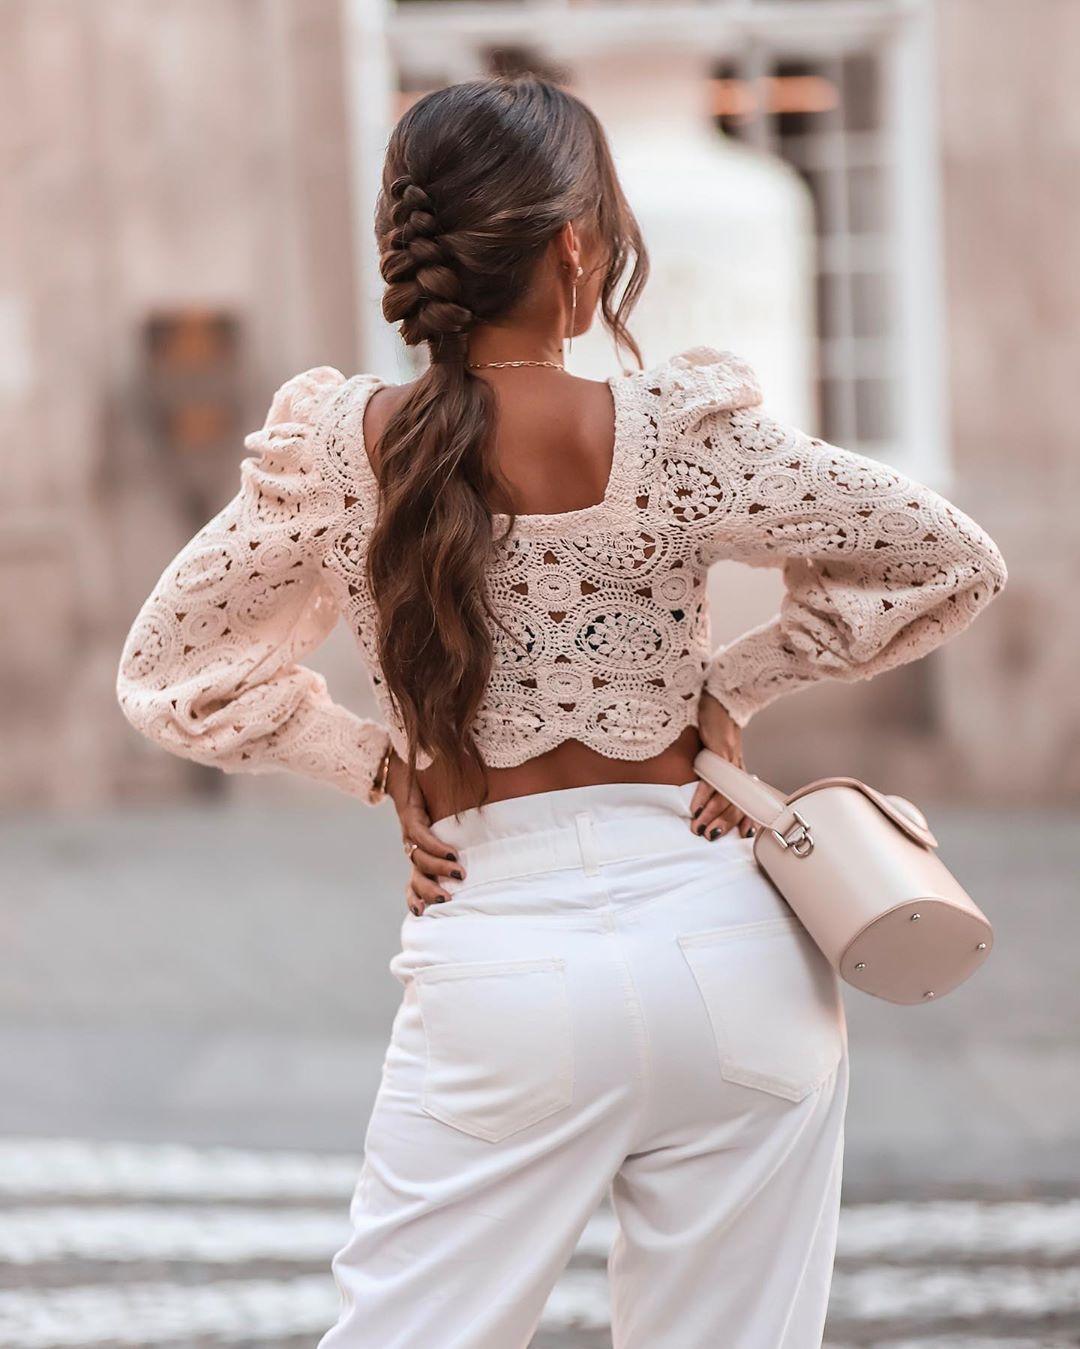 puff sleeve structured top de Zara sur joanavaz_